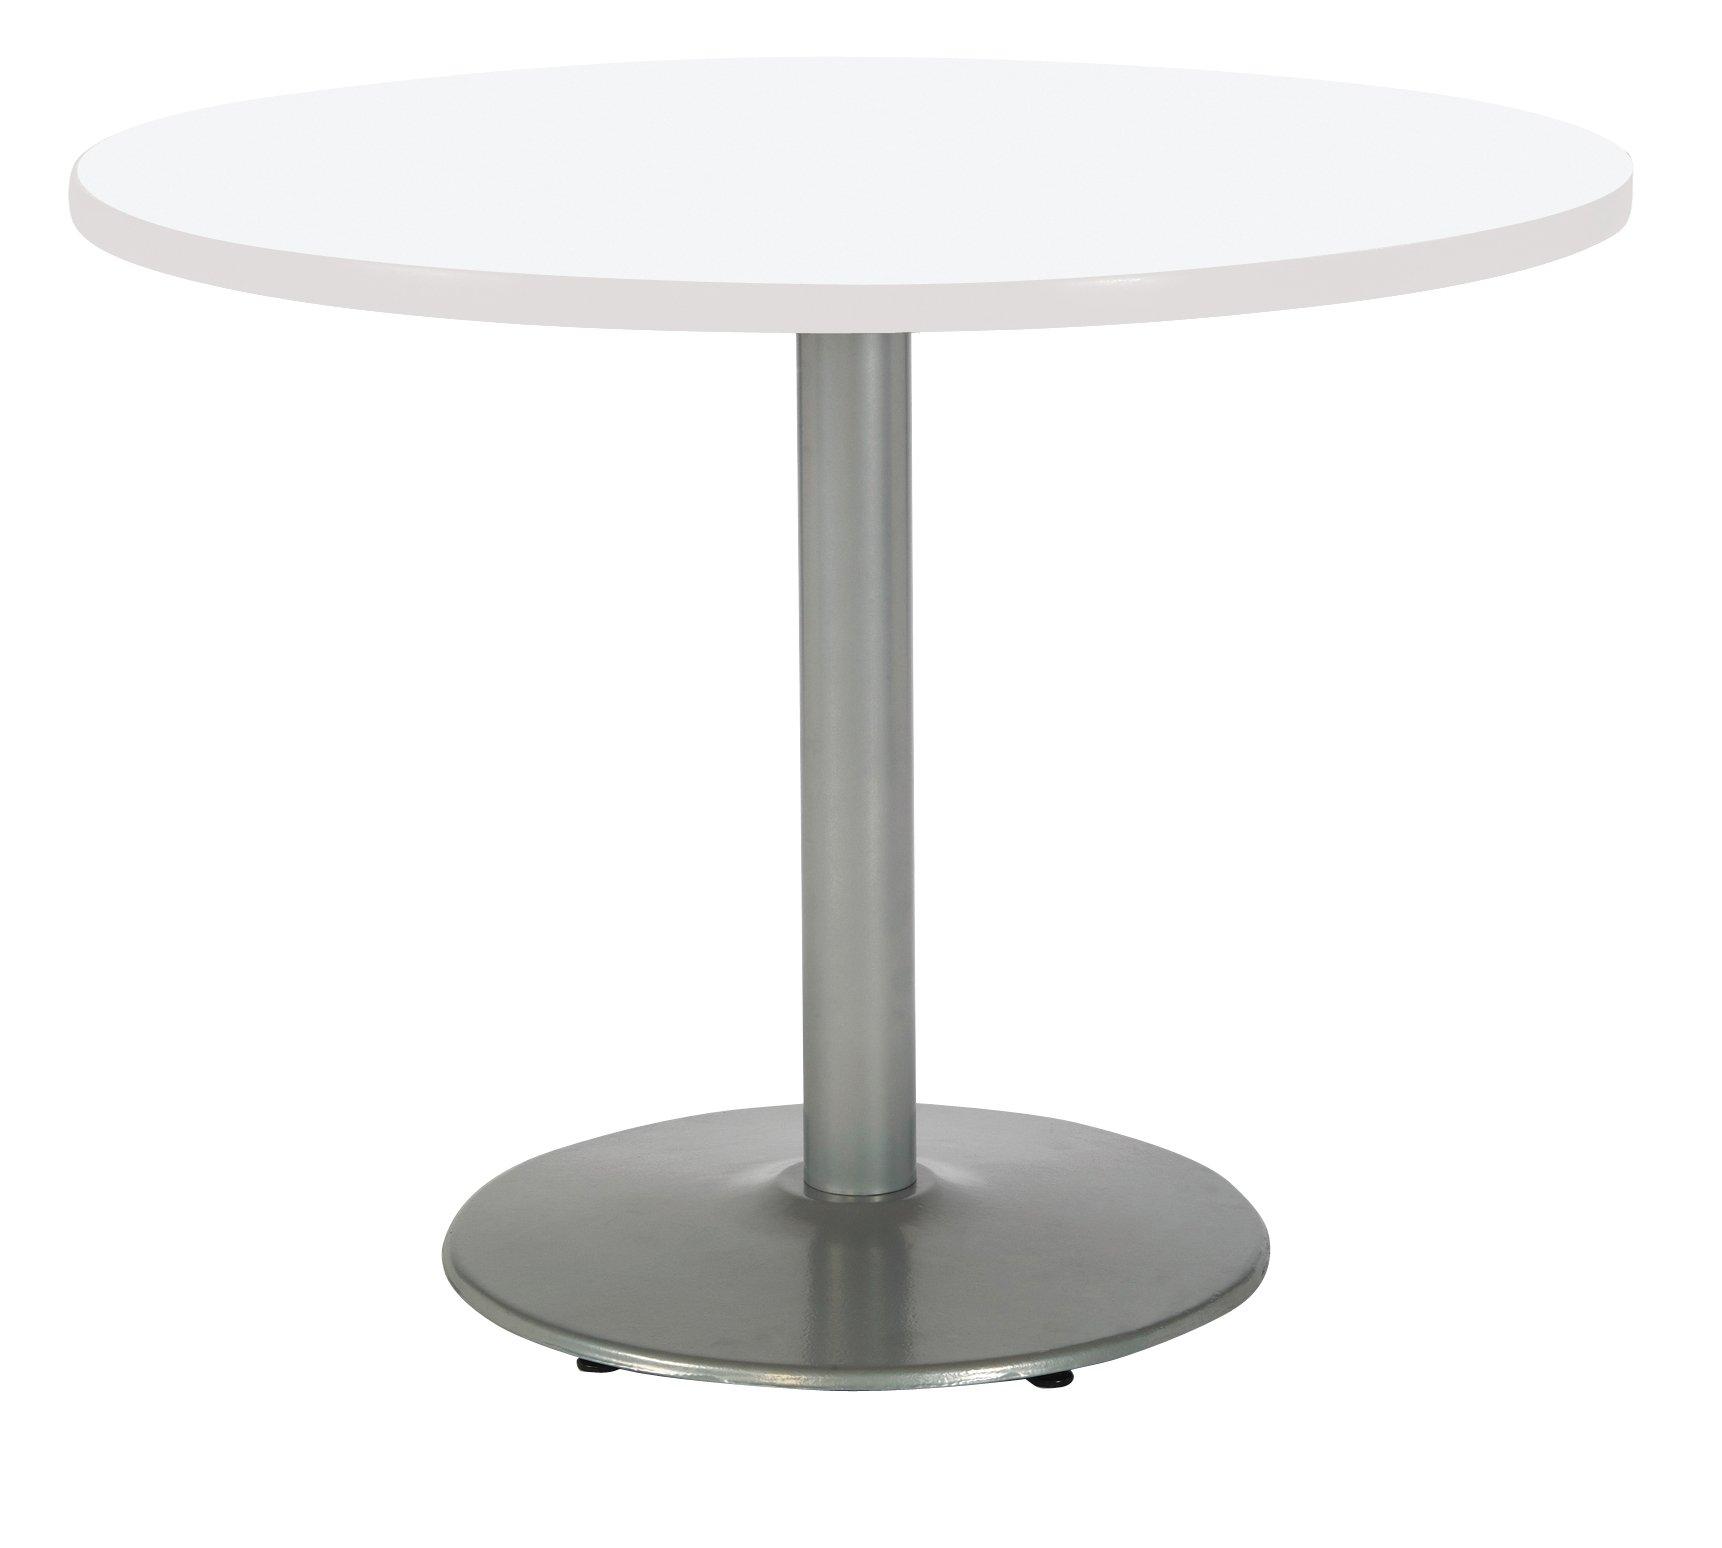 KFI Seating T48RD-B1930-SL-D354 Mode Multipurpose Table, 29'' H x 48'' W X 48'' D, Designer White